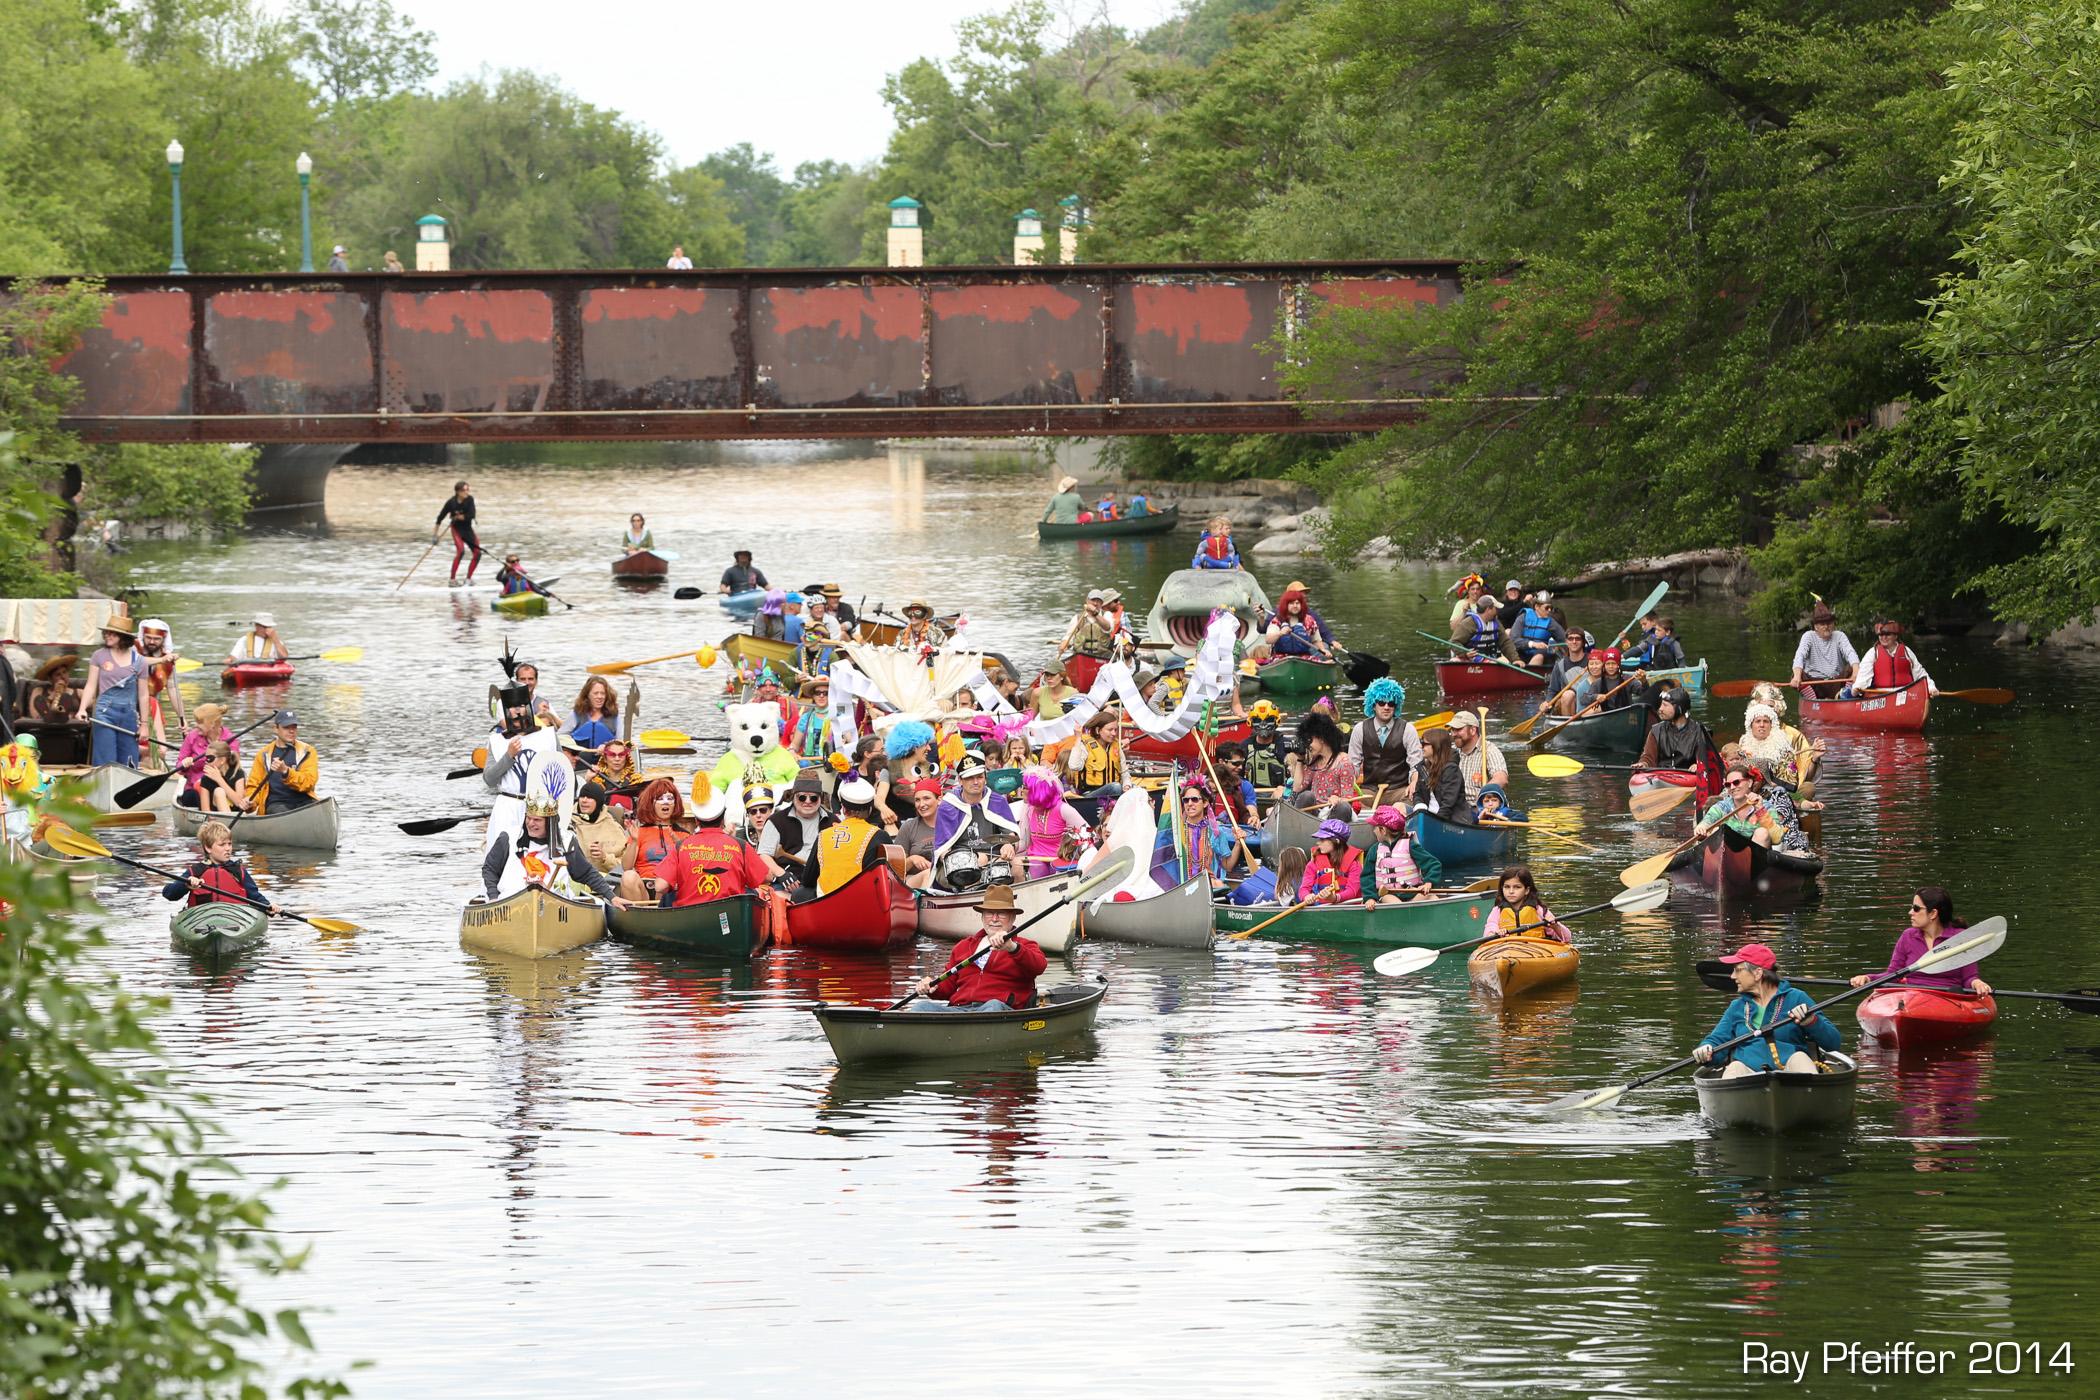 Fools Flotilla under the railroad bridge